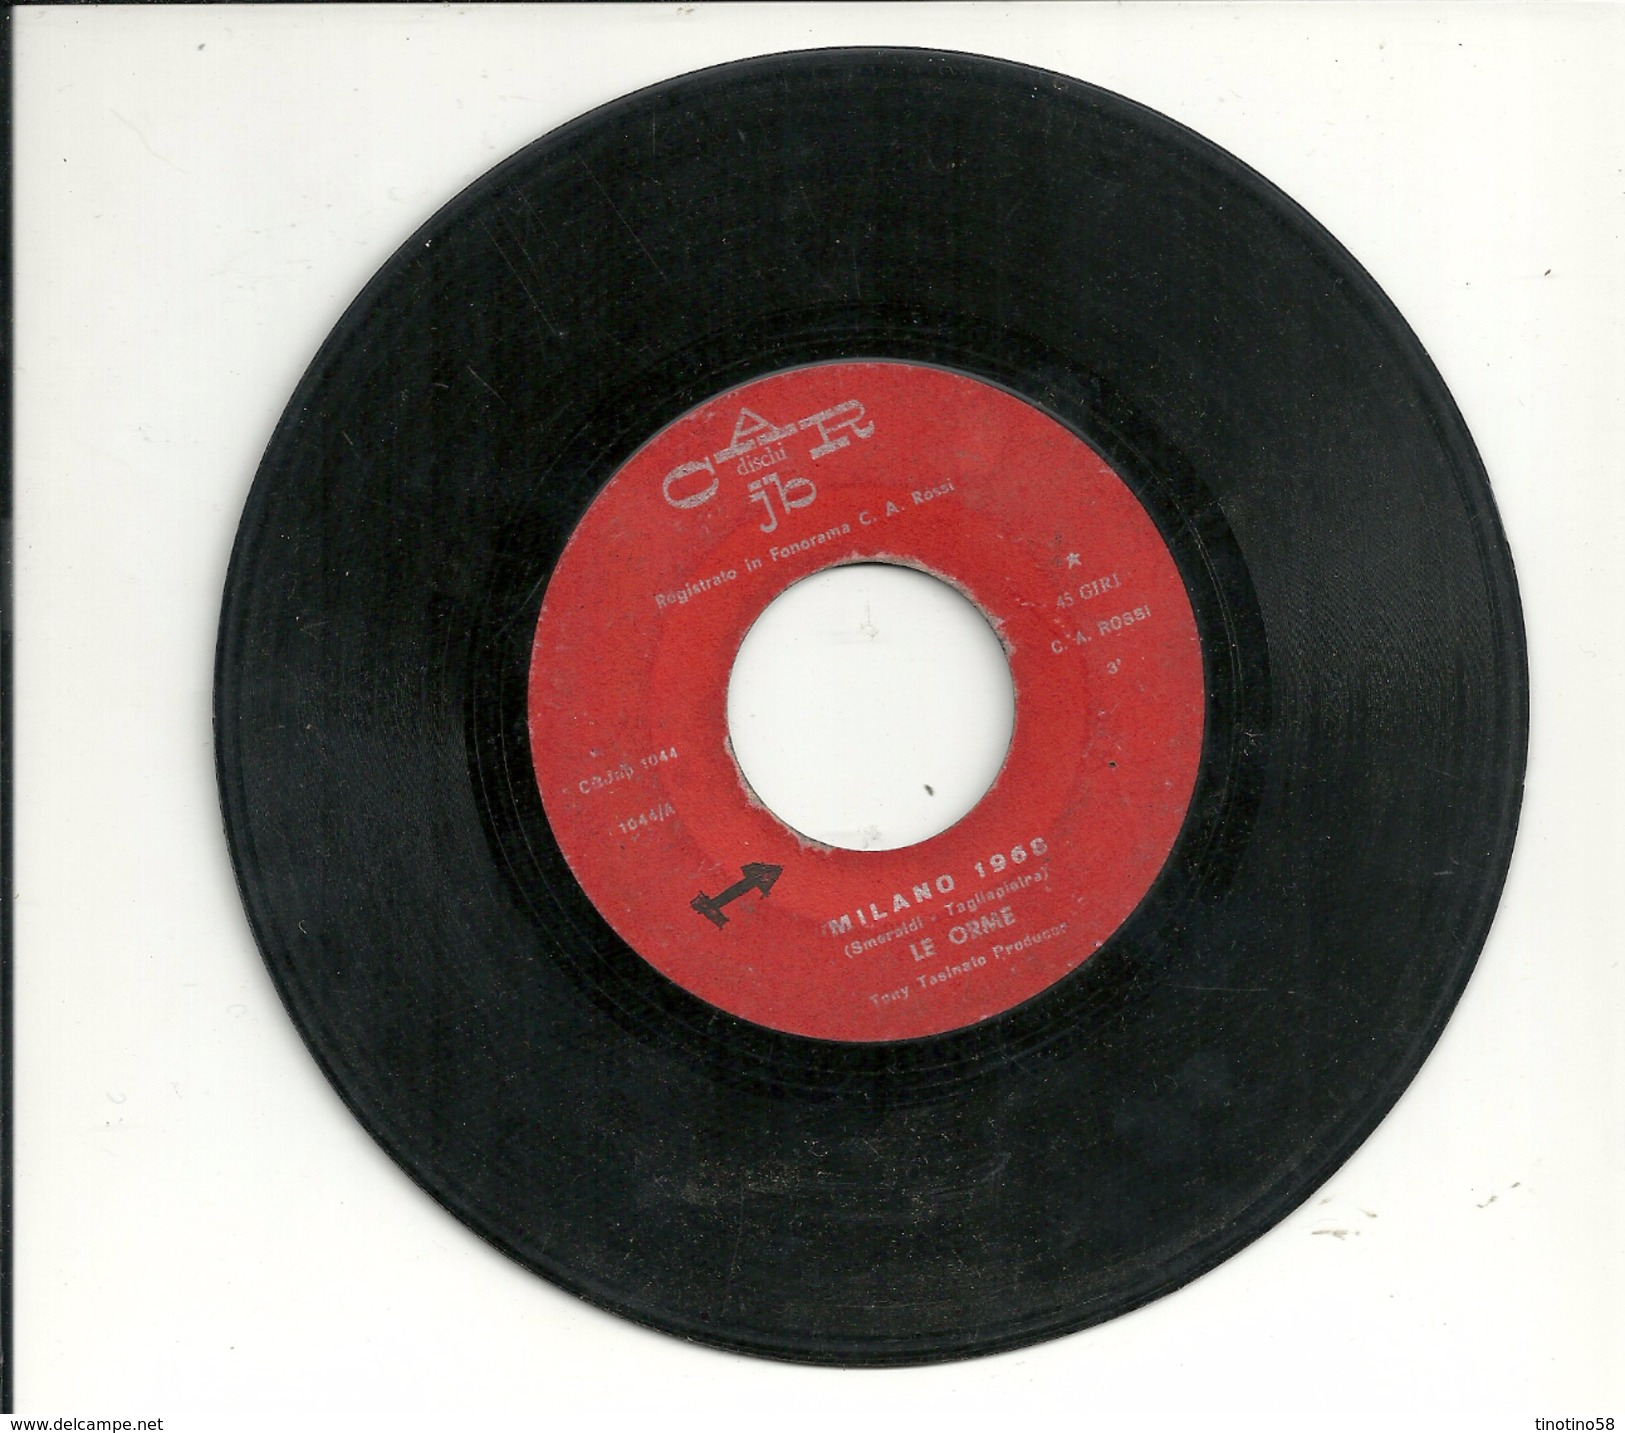 MILANO 1968   -- I MIEI SOGNI  --------------------------------LE ORME ---------------- 45  GIRI--DA JUBOX - Rock